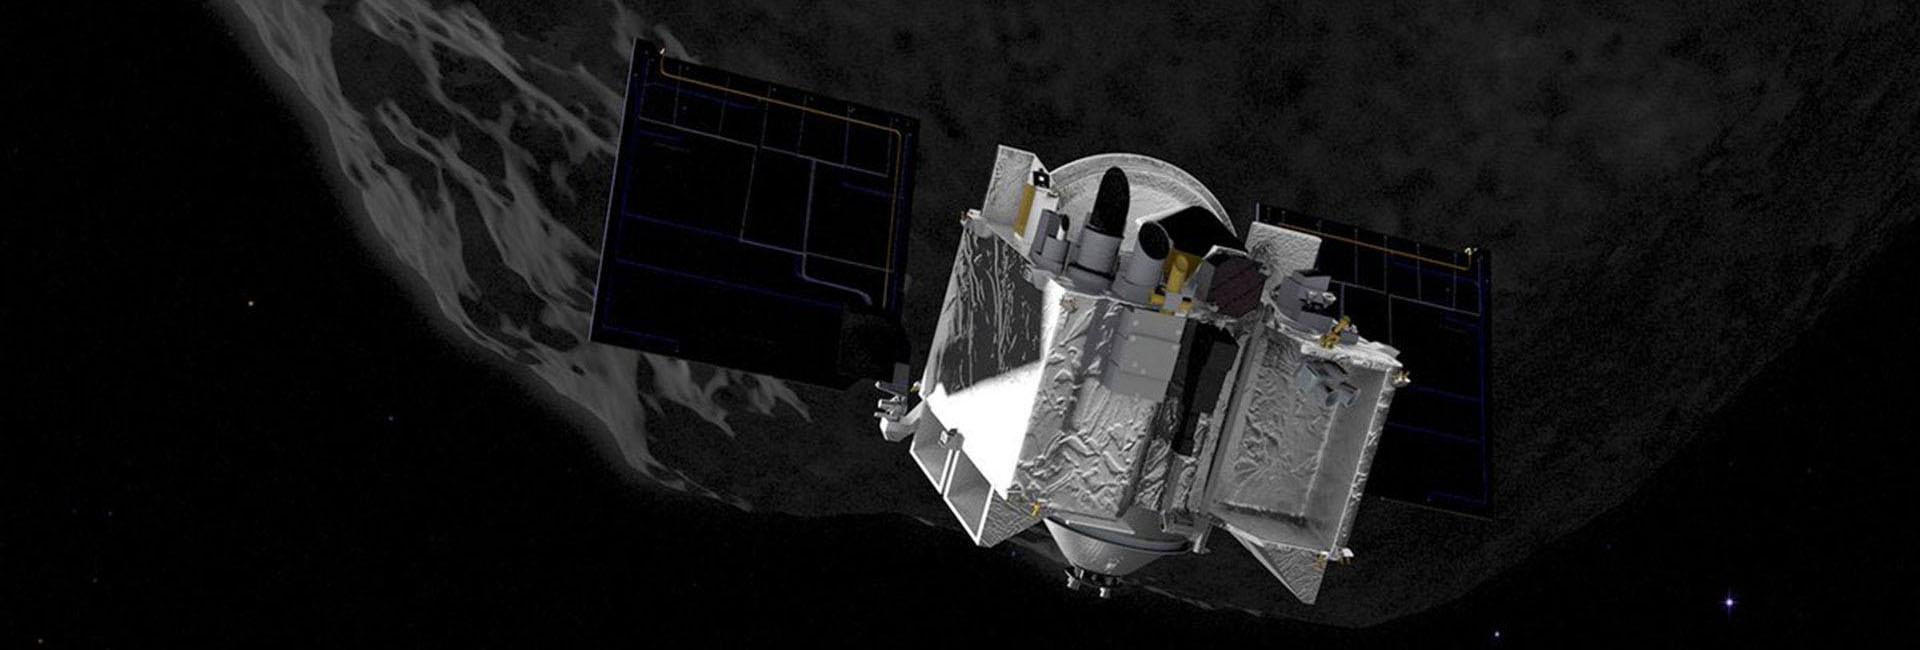 Las características físicas de las rocas de Bennu fue revelada por la nave de la NASA, utilizando datos infrarrojos térmicos para determinar la rugosidad de la superficie (NASA)